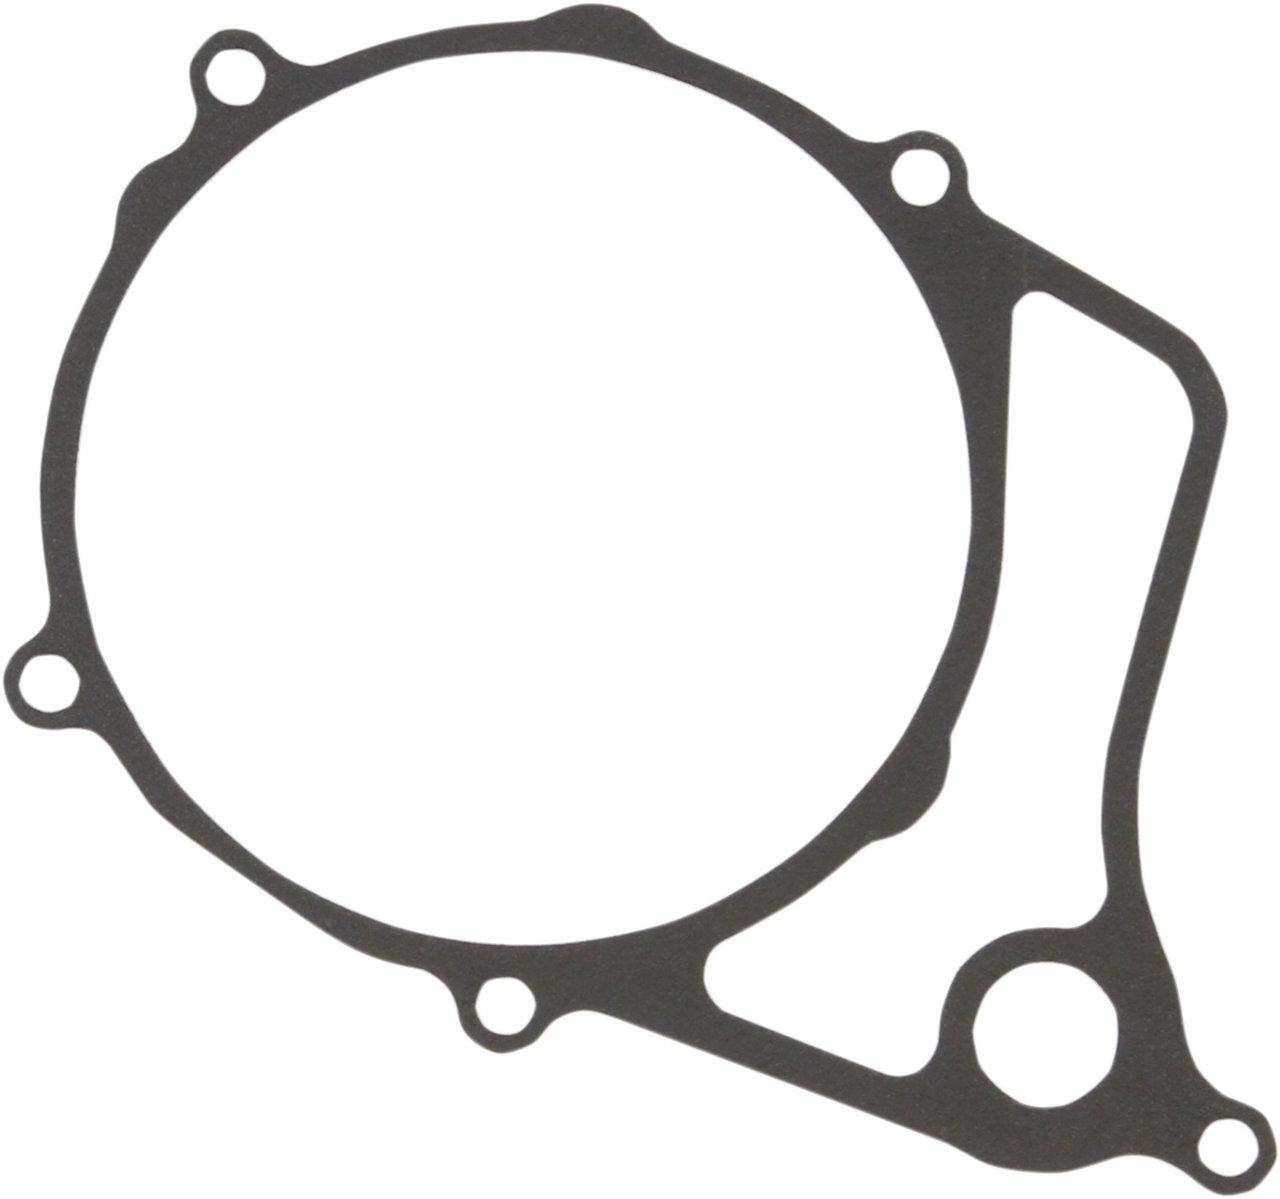 Honda Cr125 Engine Webike Japan Cr125r Wiring Diagram Cometic Gasket Mag 0934 4487